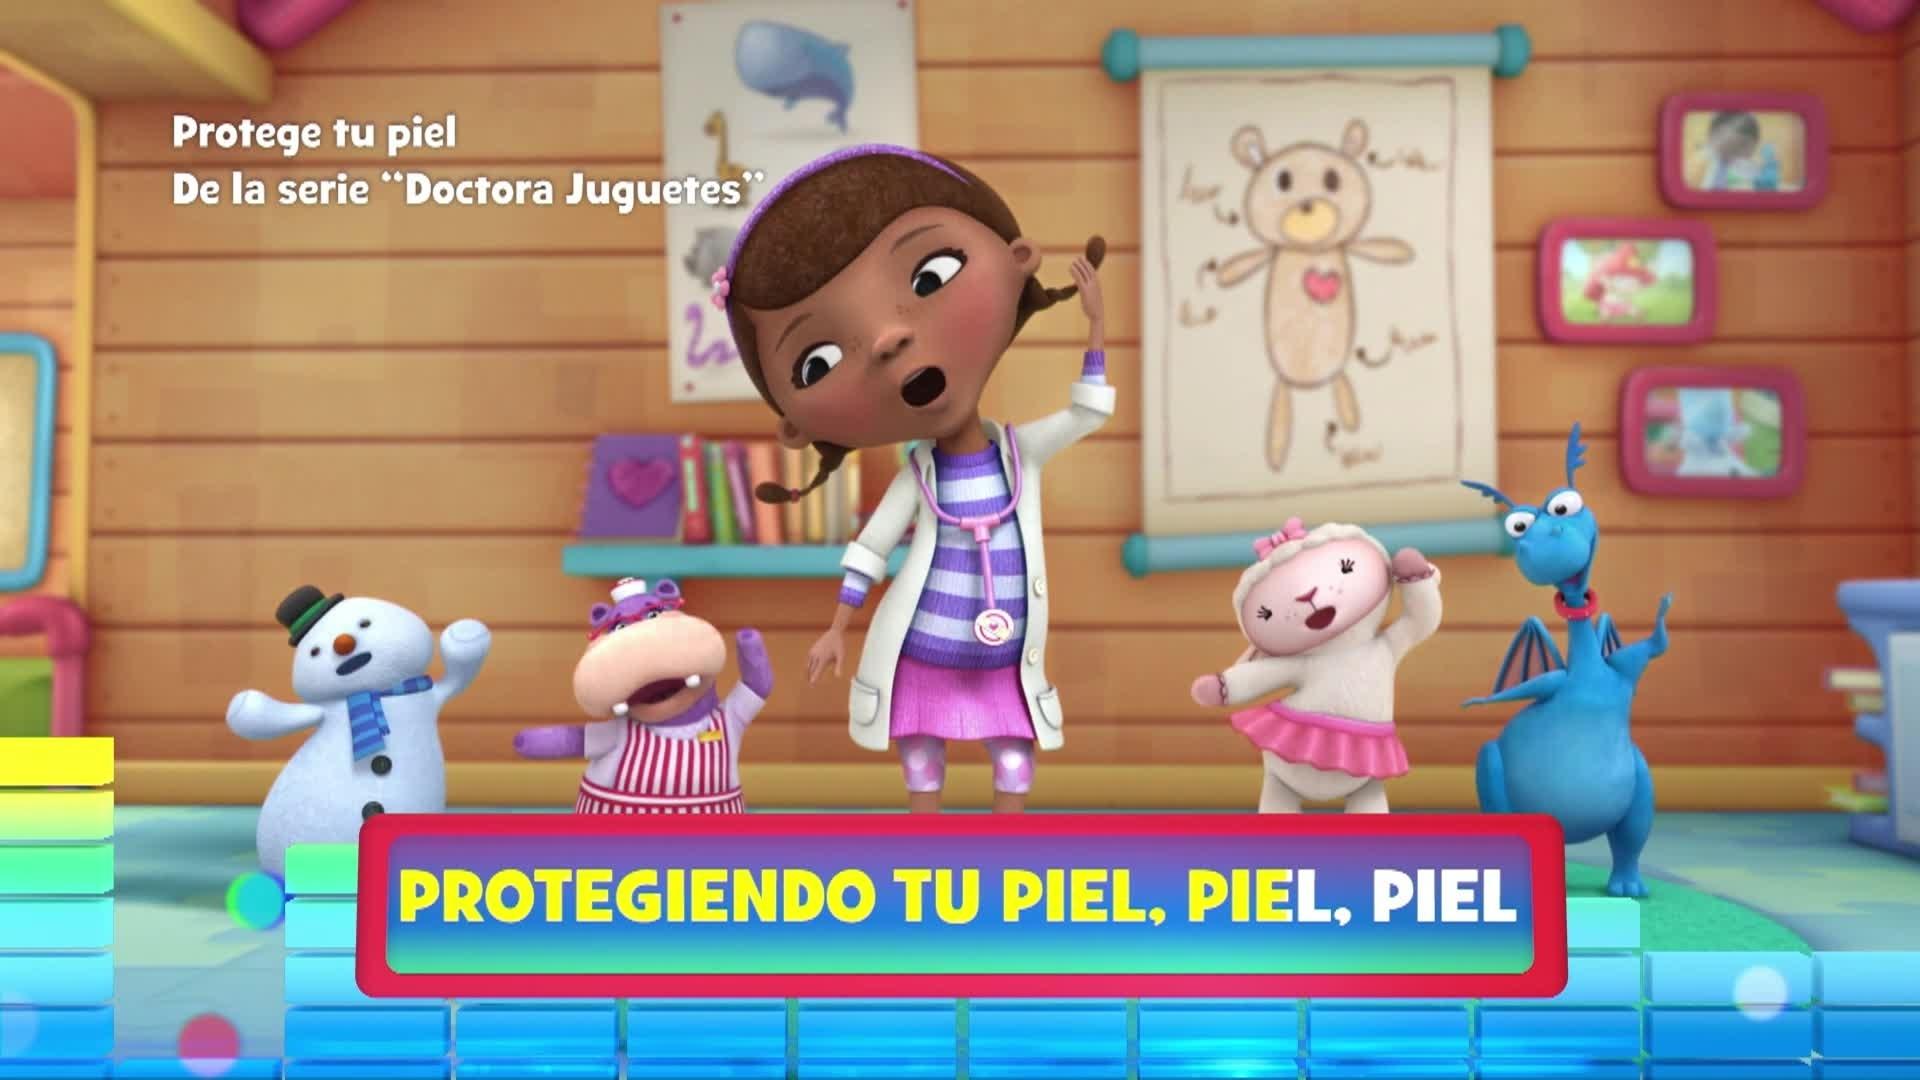 """Protege tu piel. De la serie: """"Doctora Juguetes"""""""